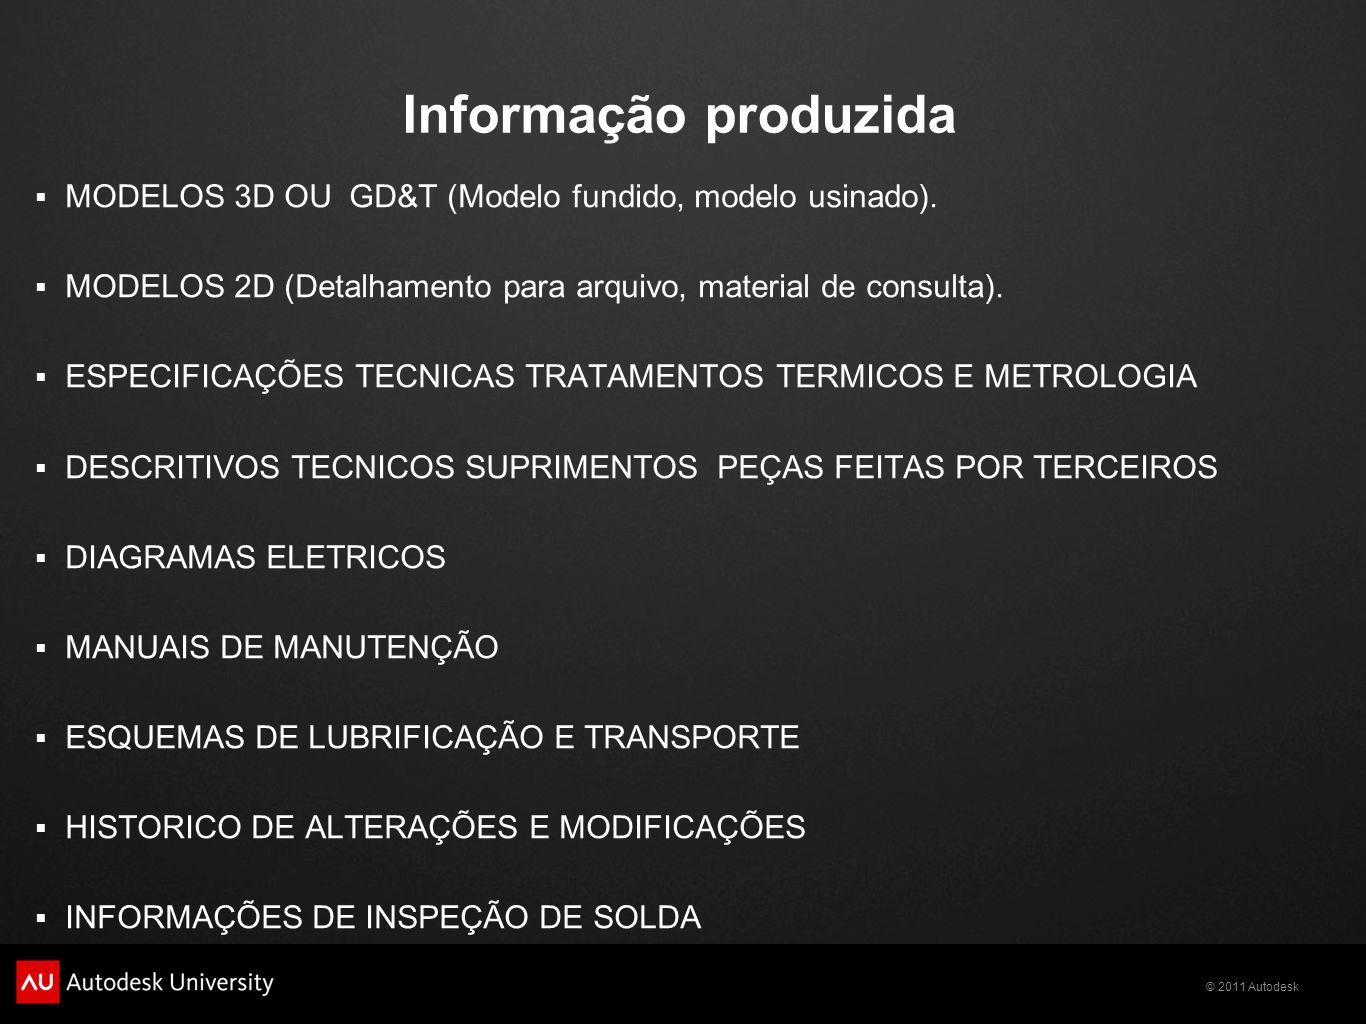 Informação produzida MODELOS 3D OU GD&T (Modelo fundido, modelo usinado). MODELOS 2D (Detalhamento para arquivo, material de consulta).